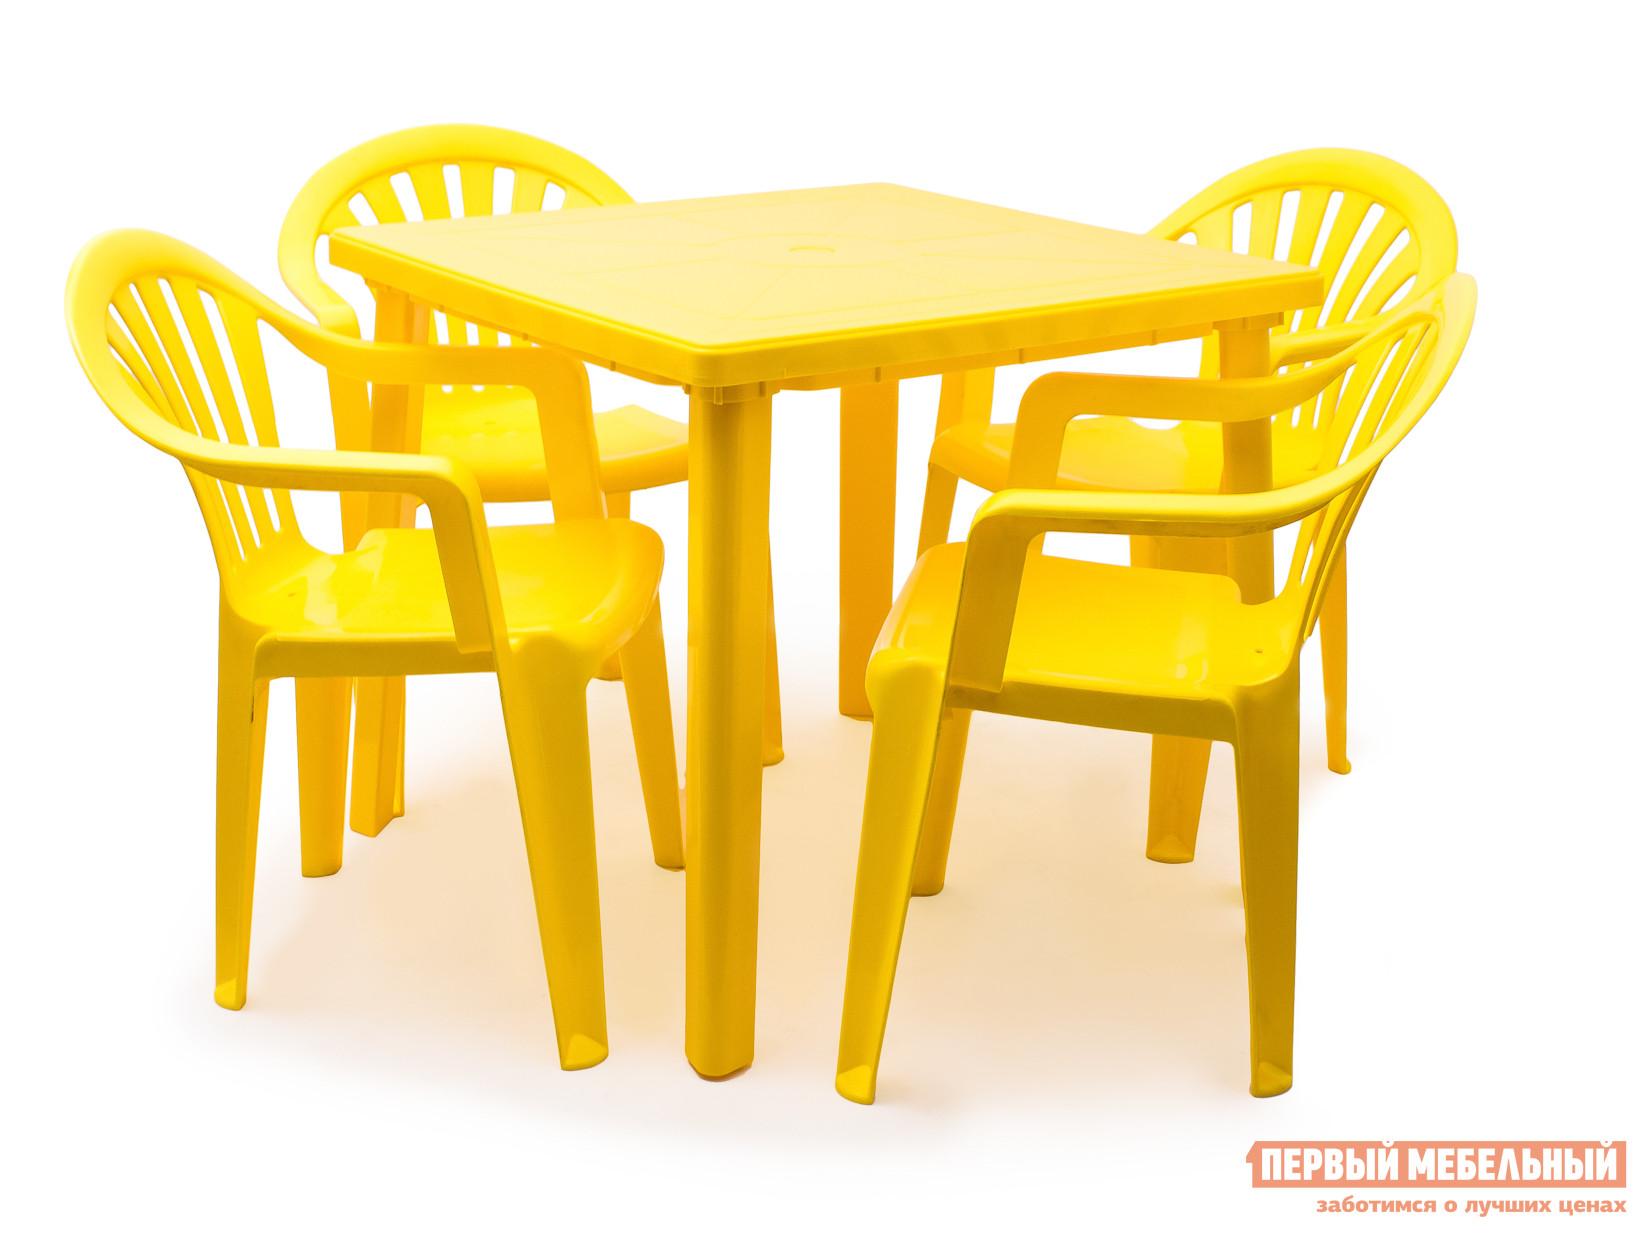 Набор пластиковой мебели Стандарт Пластик Стол квадратный (800х800х710) + Кресло №1 Пальма-1 (560х550х770мм), 4 шт. ЖелтыйНаборы пластиковой мебели<br>Габаритные размеры ВхШхГ xx мм. Набор пластиковой мебели для организации дачного застолья на свежем воздухе.  Также такая мебель подойдет для уличных кафе. Каждое кресло рассчитано на максимальный вес 120 кг. Размеры элементов:Стол: 710 Х 800 Х 800 мм, вес 5 кг; Кресло: 770 Х 560 Х 550 мм, вес 2. 4 кг. Кресла поставляются в собранном виде.  Стол разобран – для сборки стола необходимо вкрутить ножки в столешницу.<br><br>Цвет: Желтый<br>Кол-во упаковок: 5<br>Форма поставки: В собранном виде<br>Срок гарантии: 1 год<br>Тип: На 4 персоны